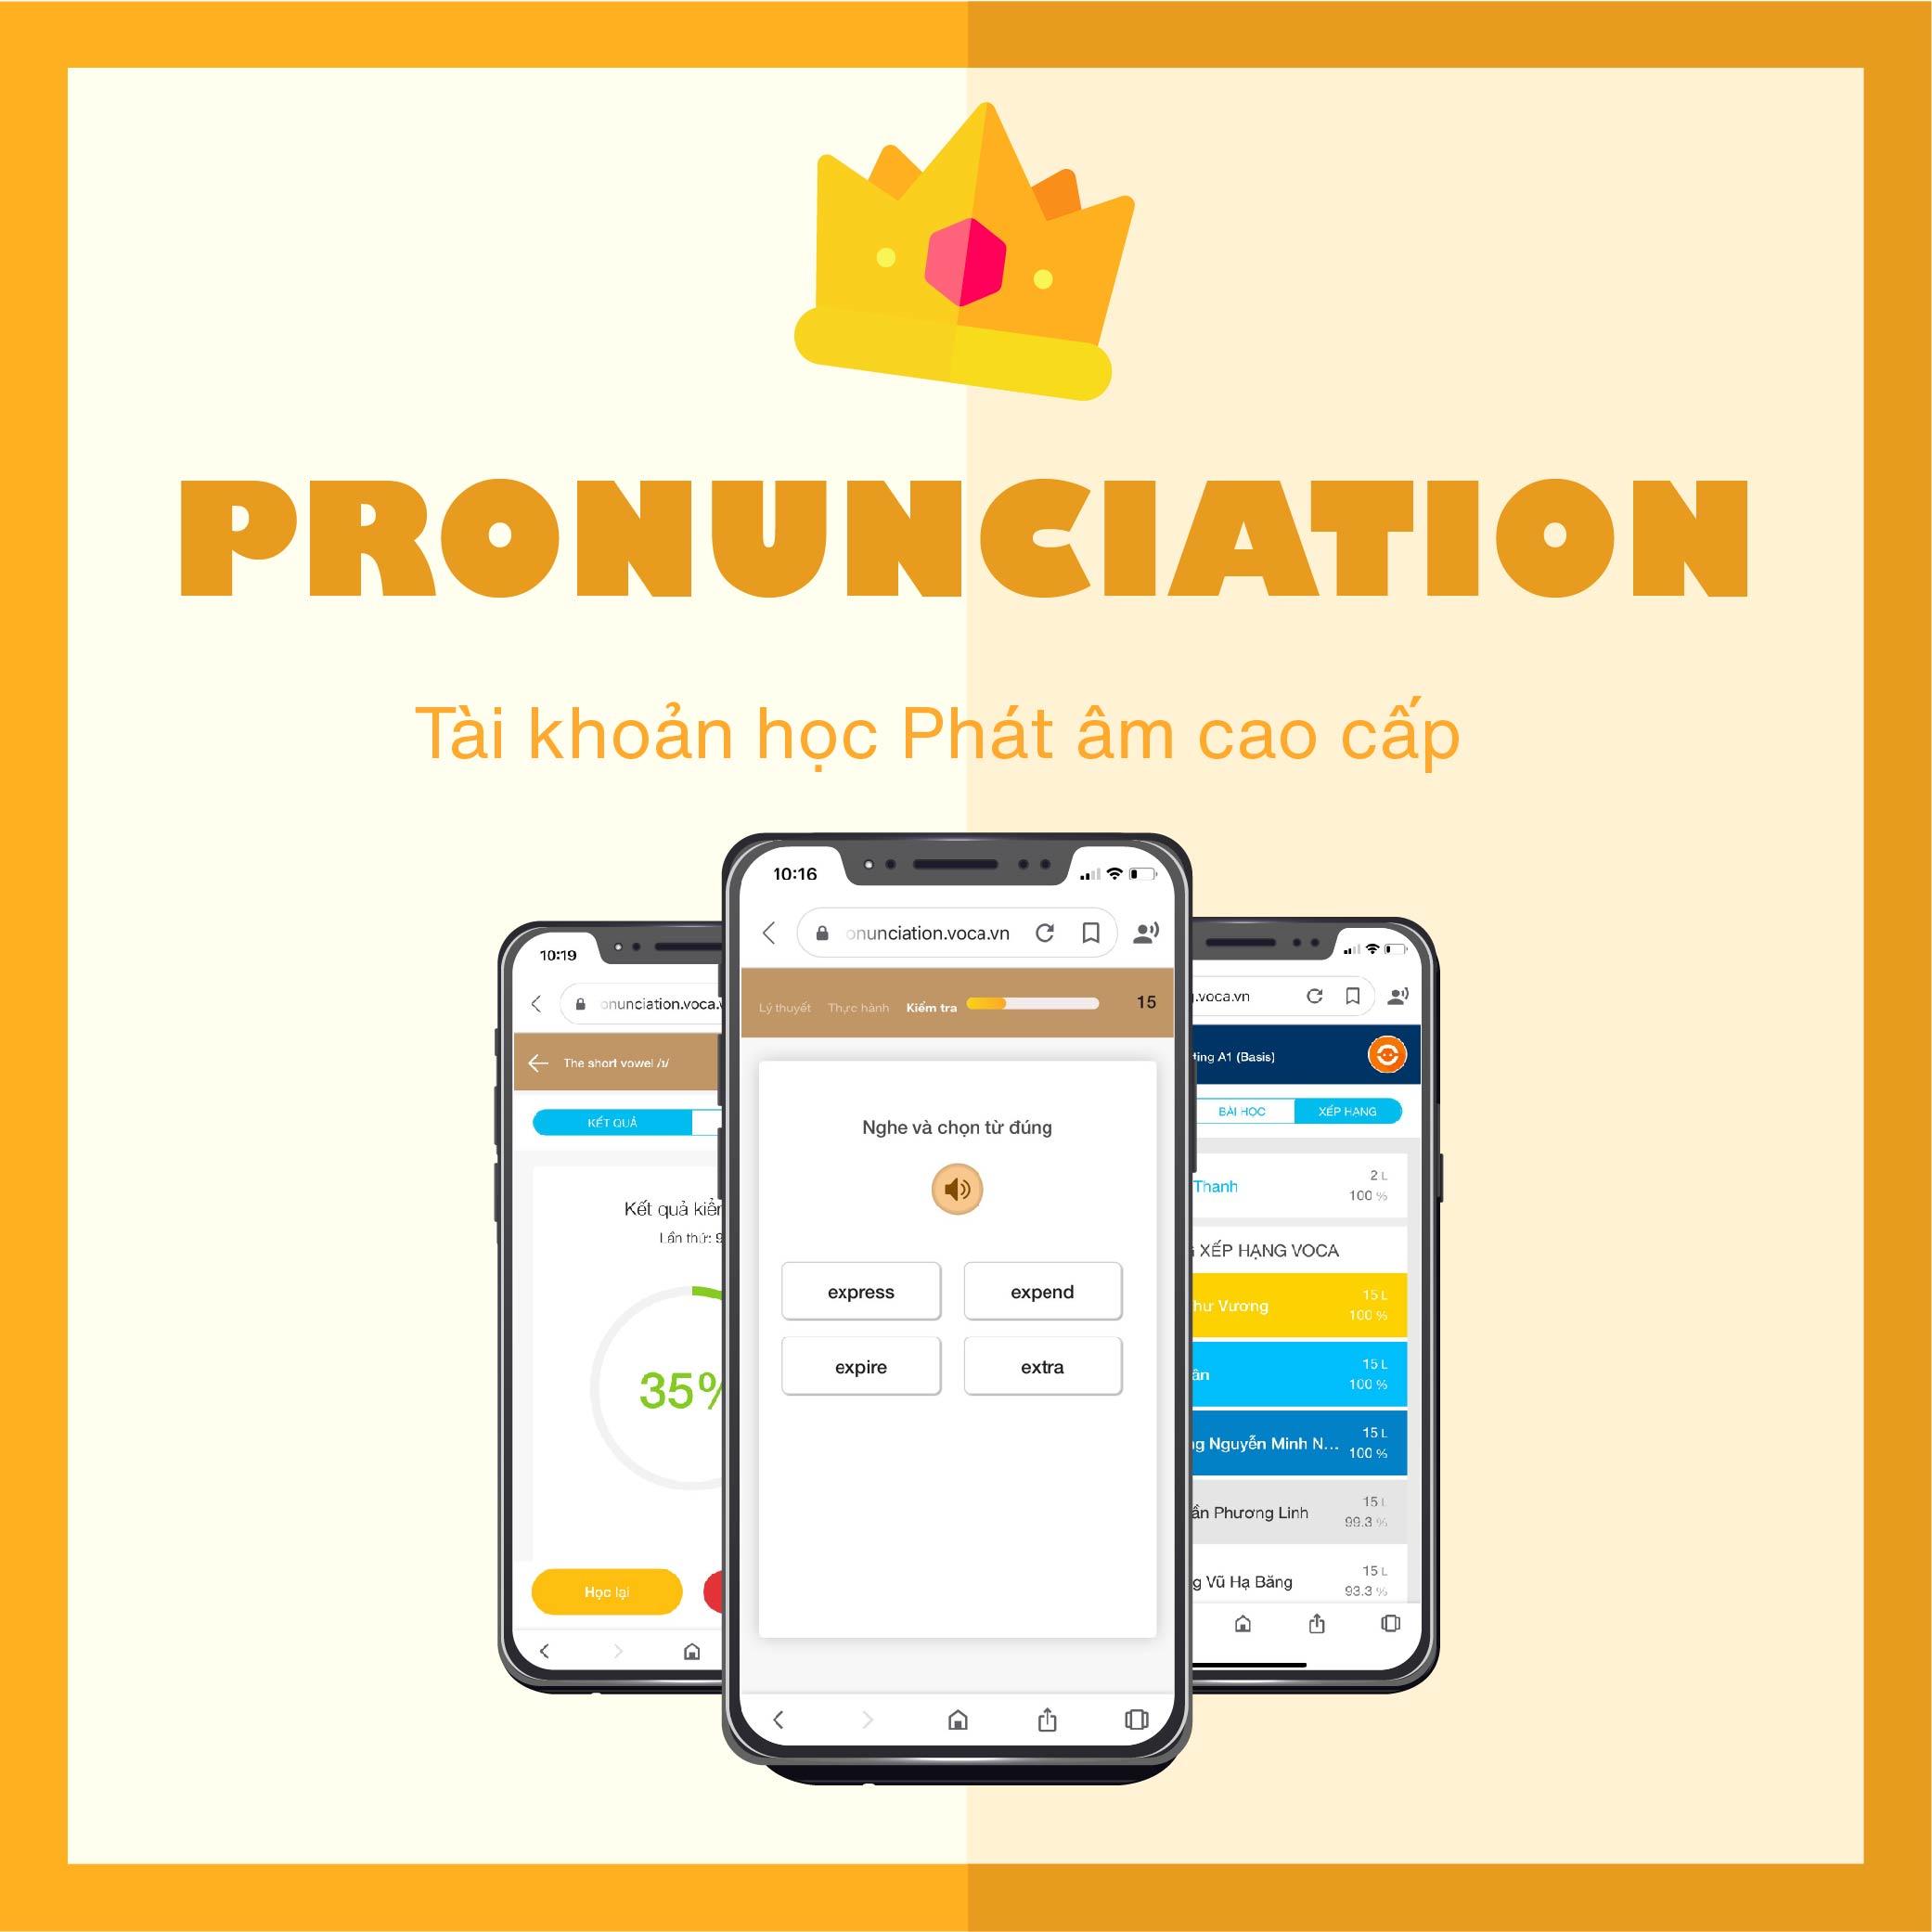 PRONUNCIATION VIP: Tài khoản học Phát âm tiếng Anh- Người học sẽ được tiếp cận phát âm theo cách tự nhiên nhất – như một đứa trẻ – bắt đầu bằng việc nghe và quan sát, kết hợp cùng hướng dẫn chi tiết cách phát âm và kết thúc bằng việc thực hành.